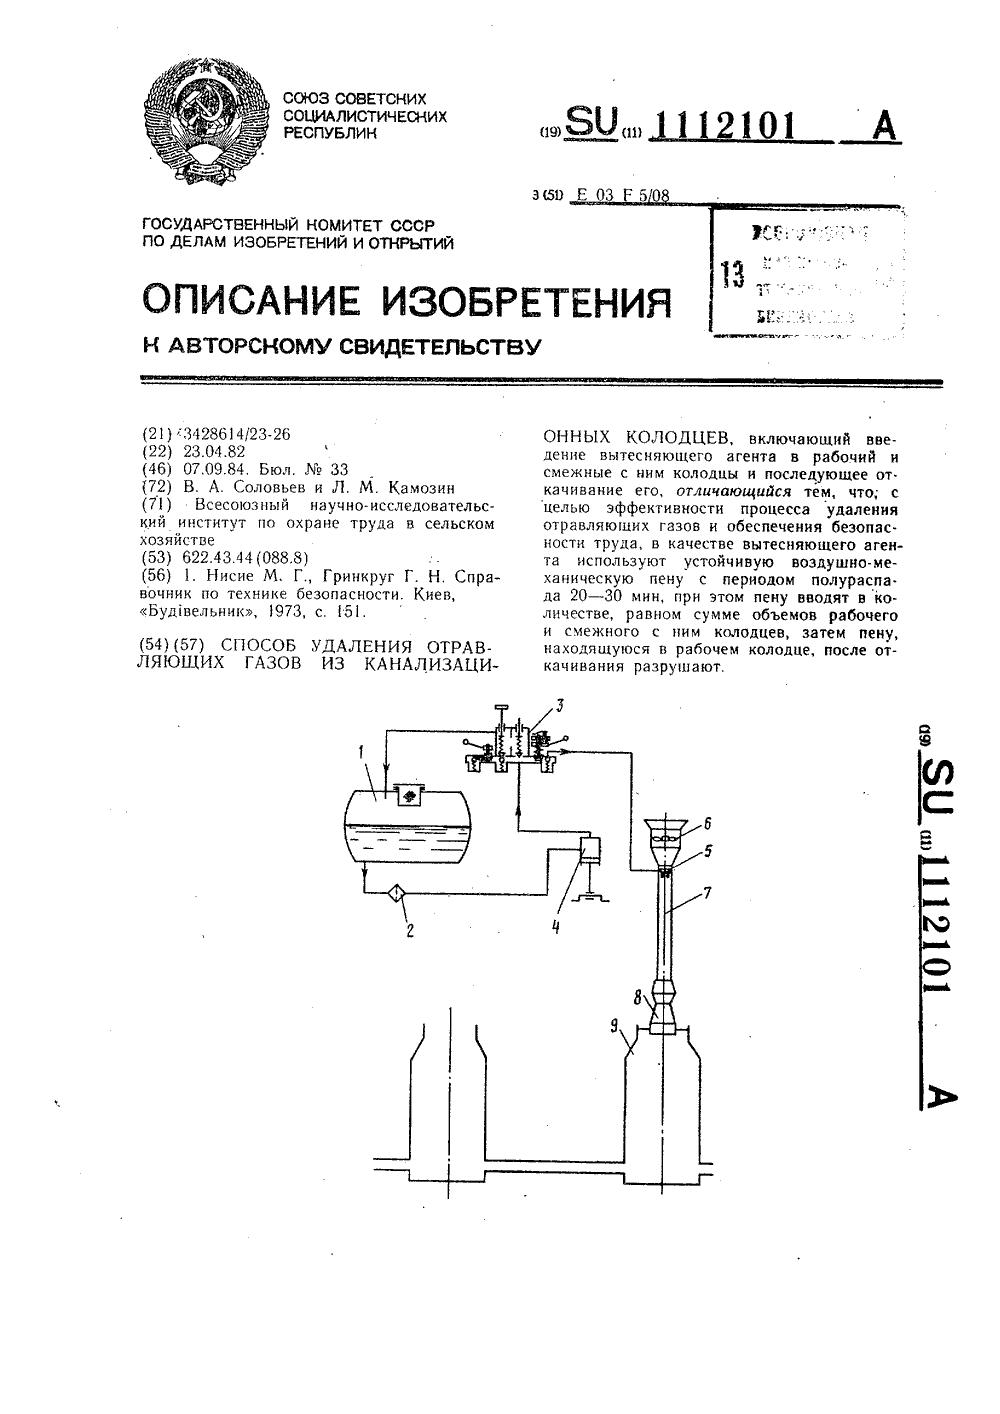 схема монтажа колодца дк-43